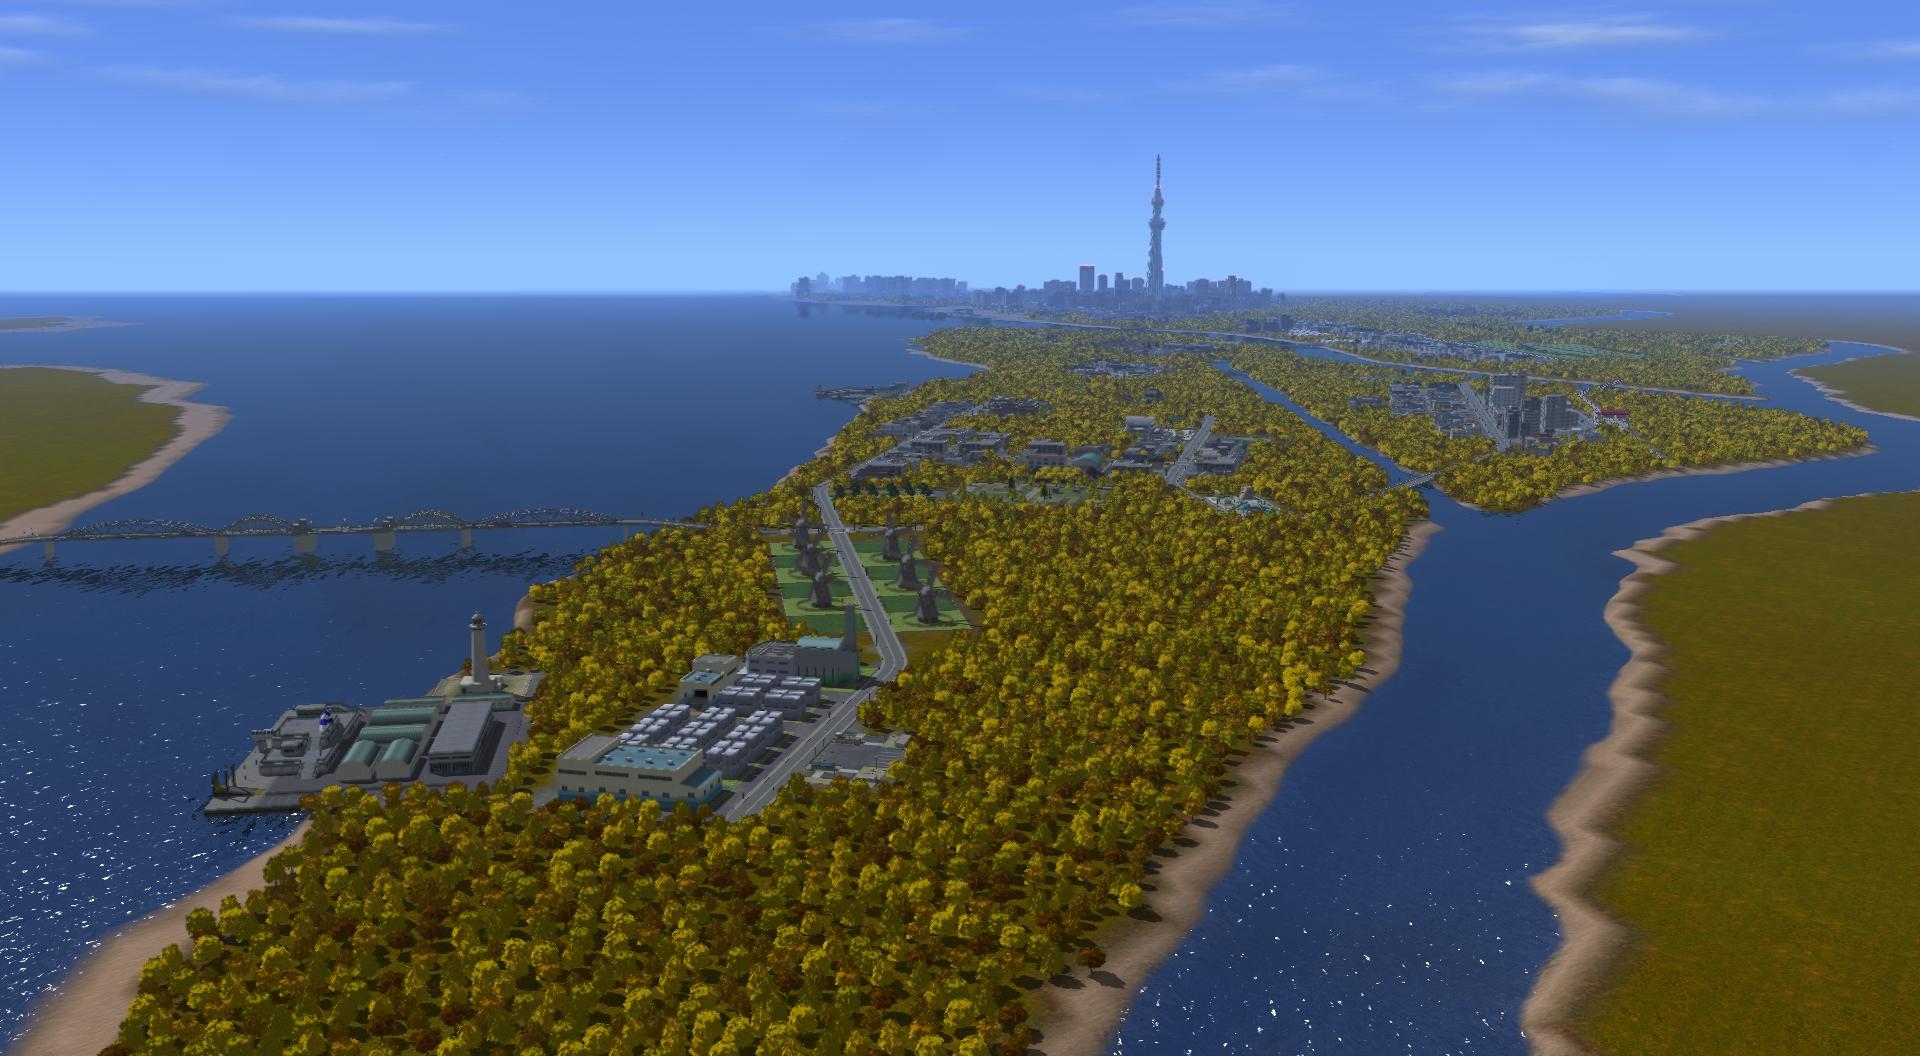 「夕染めの水都」。昔ながらの水路や運河を残したまま開発が進められてきたため、交通網の整備が遅れている。なるべくこれまでの方針を維持しつつ、経済的な発展を促していく